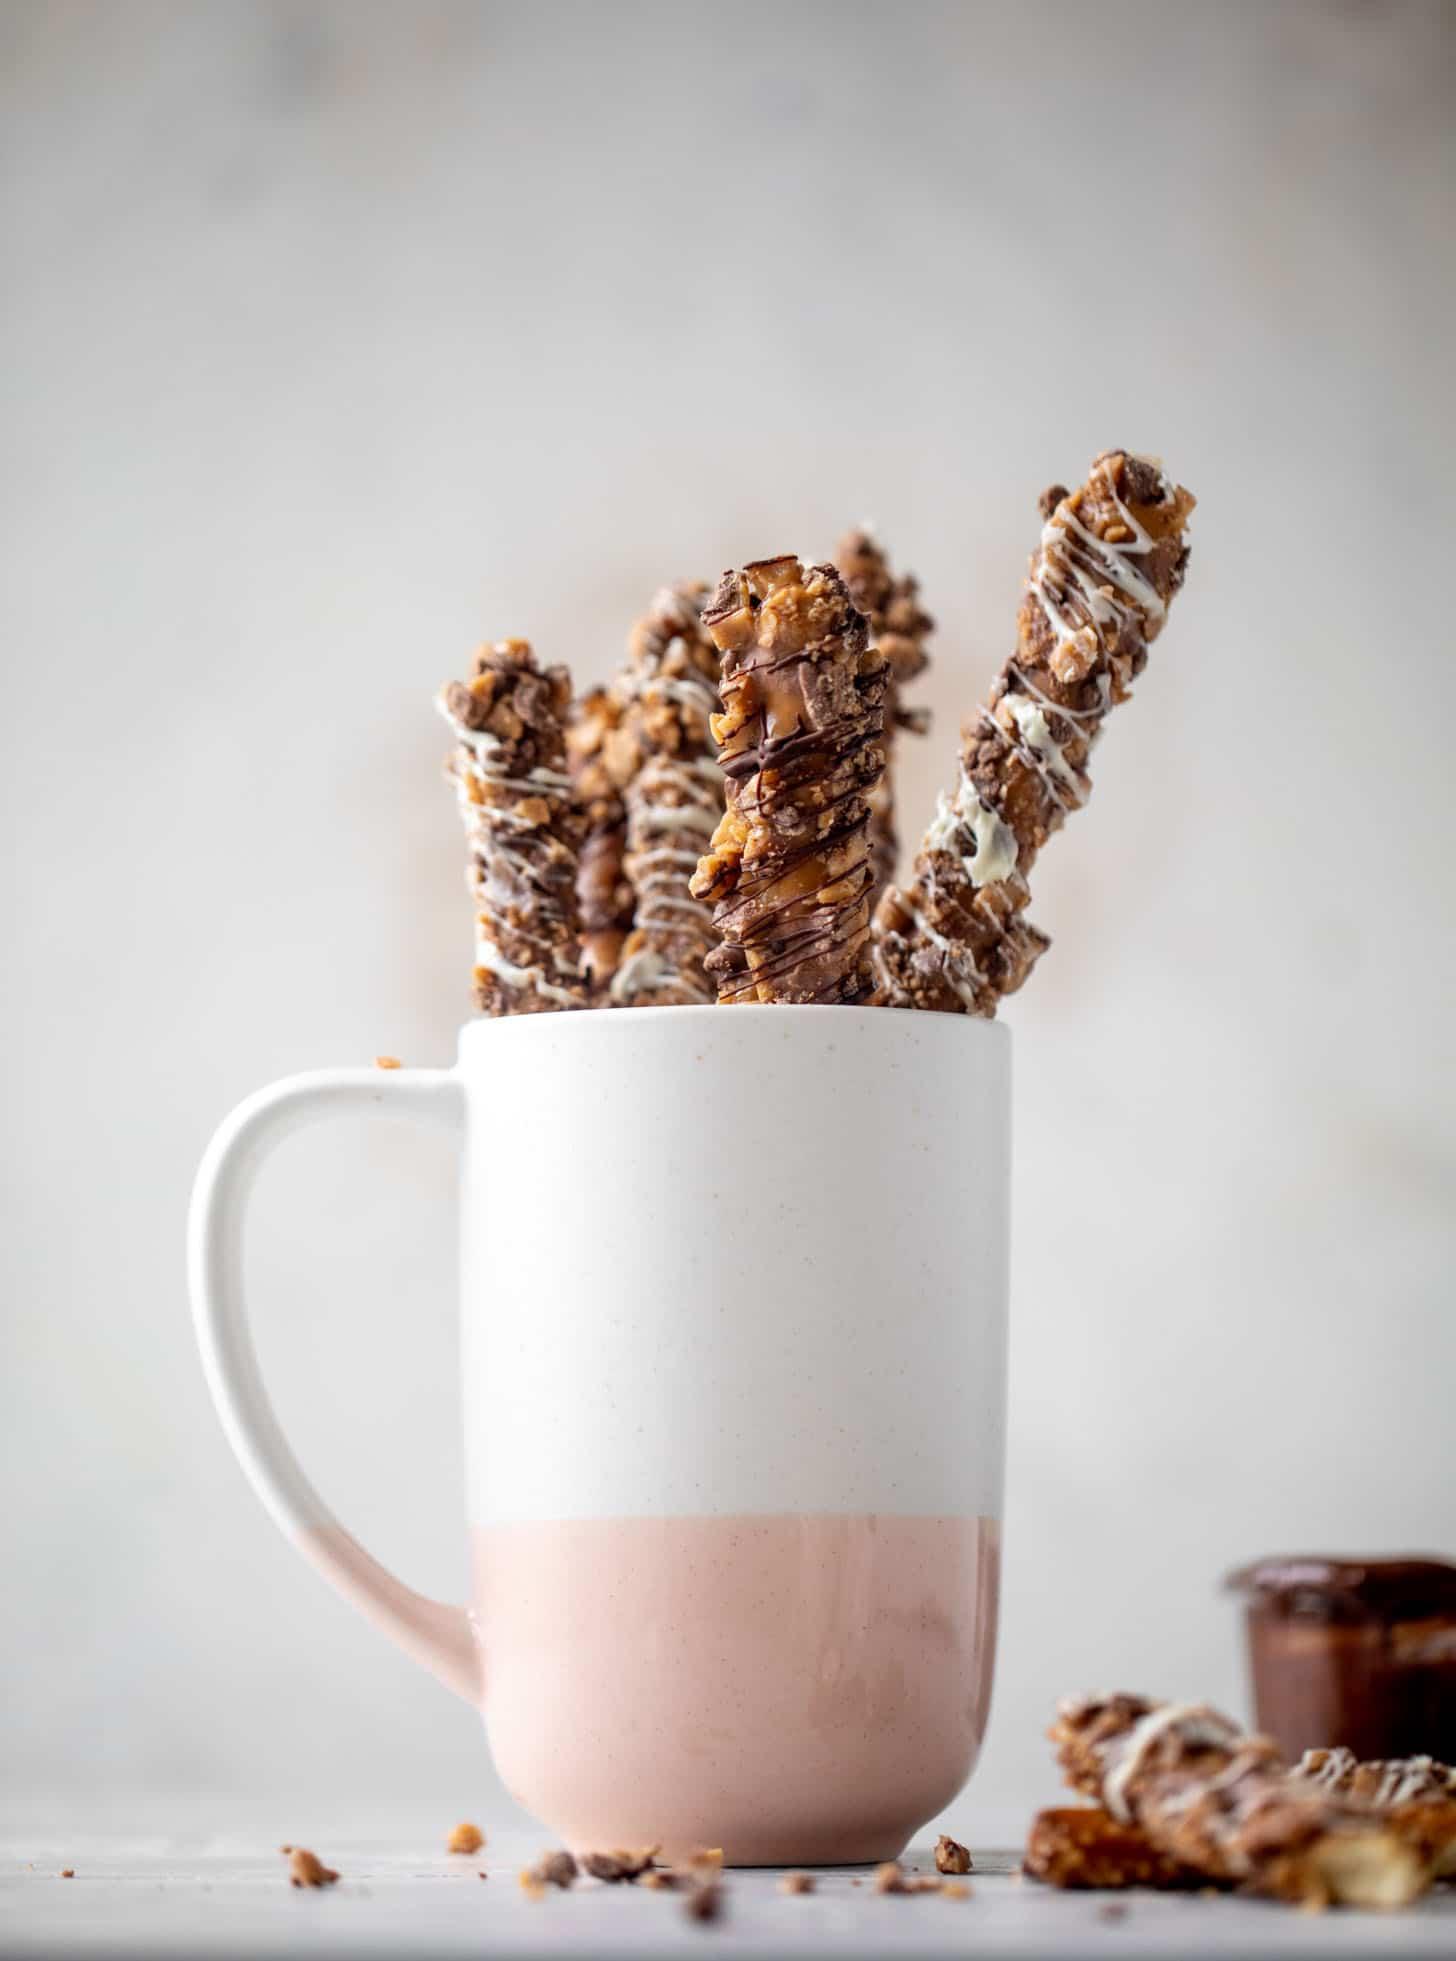 caramel pretzels in a mug